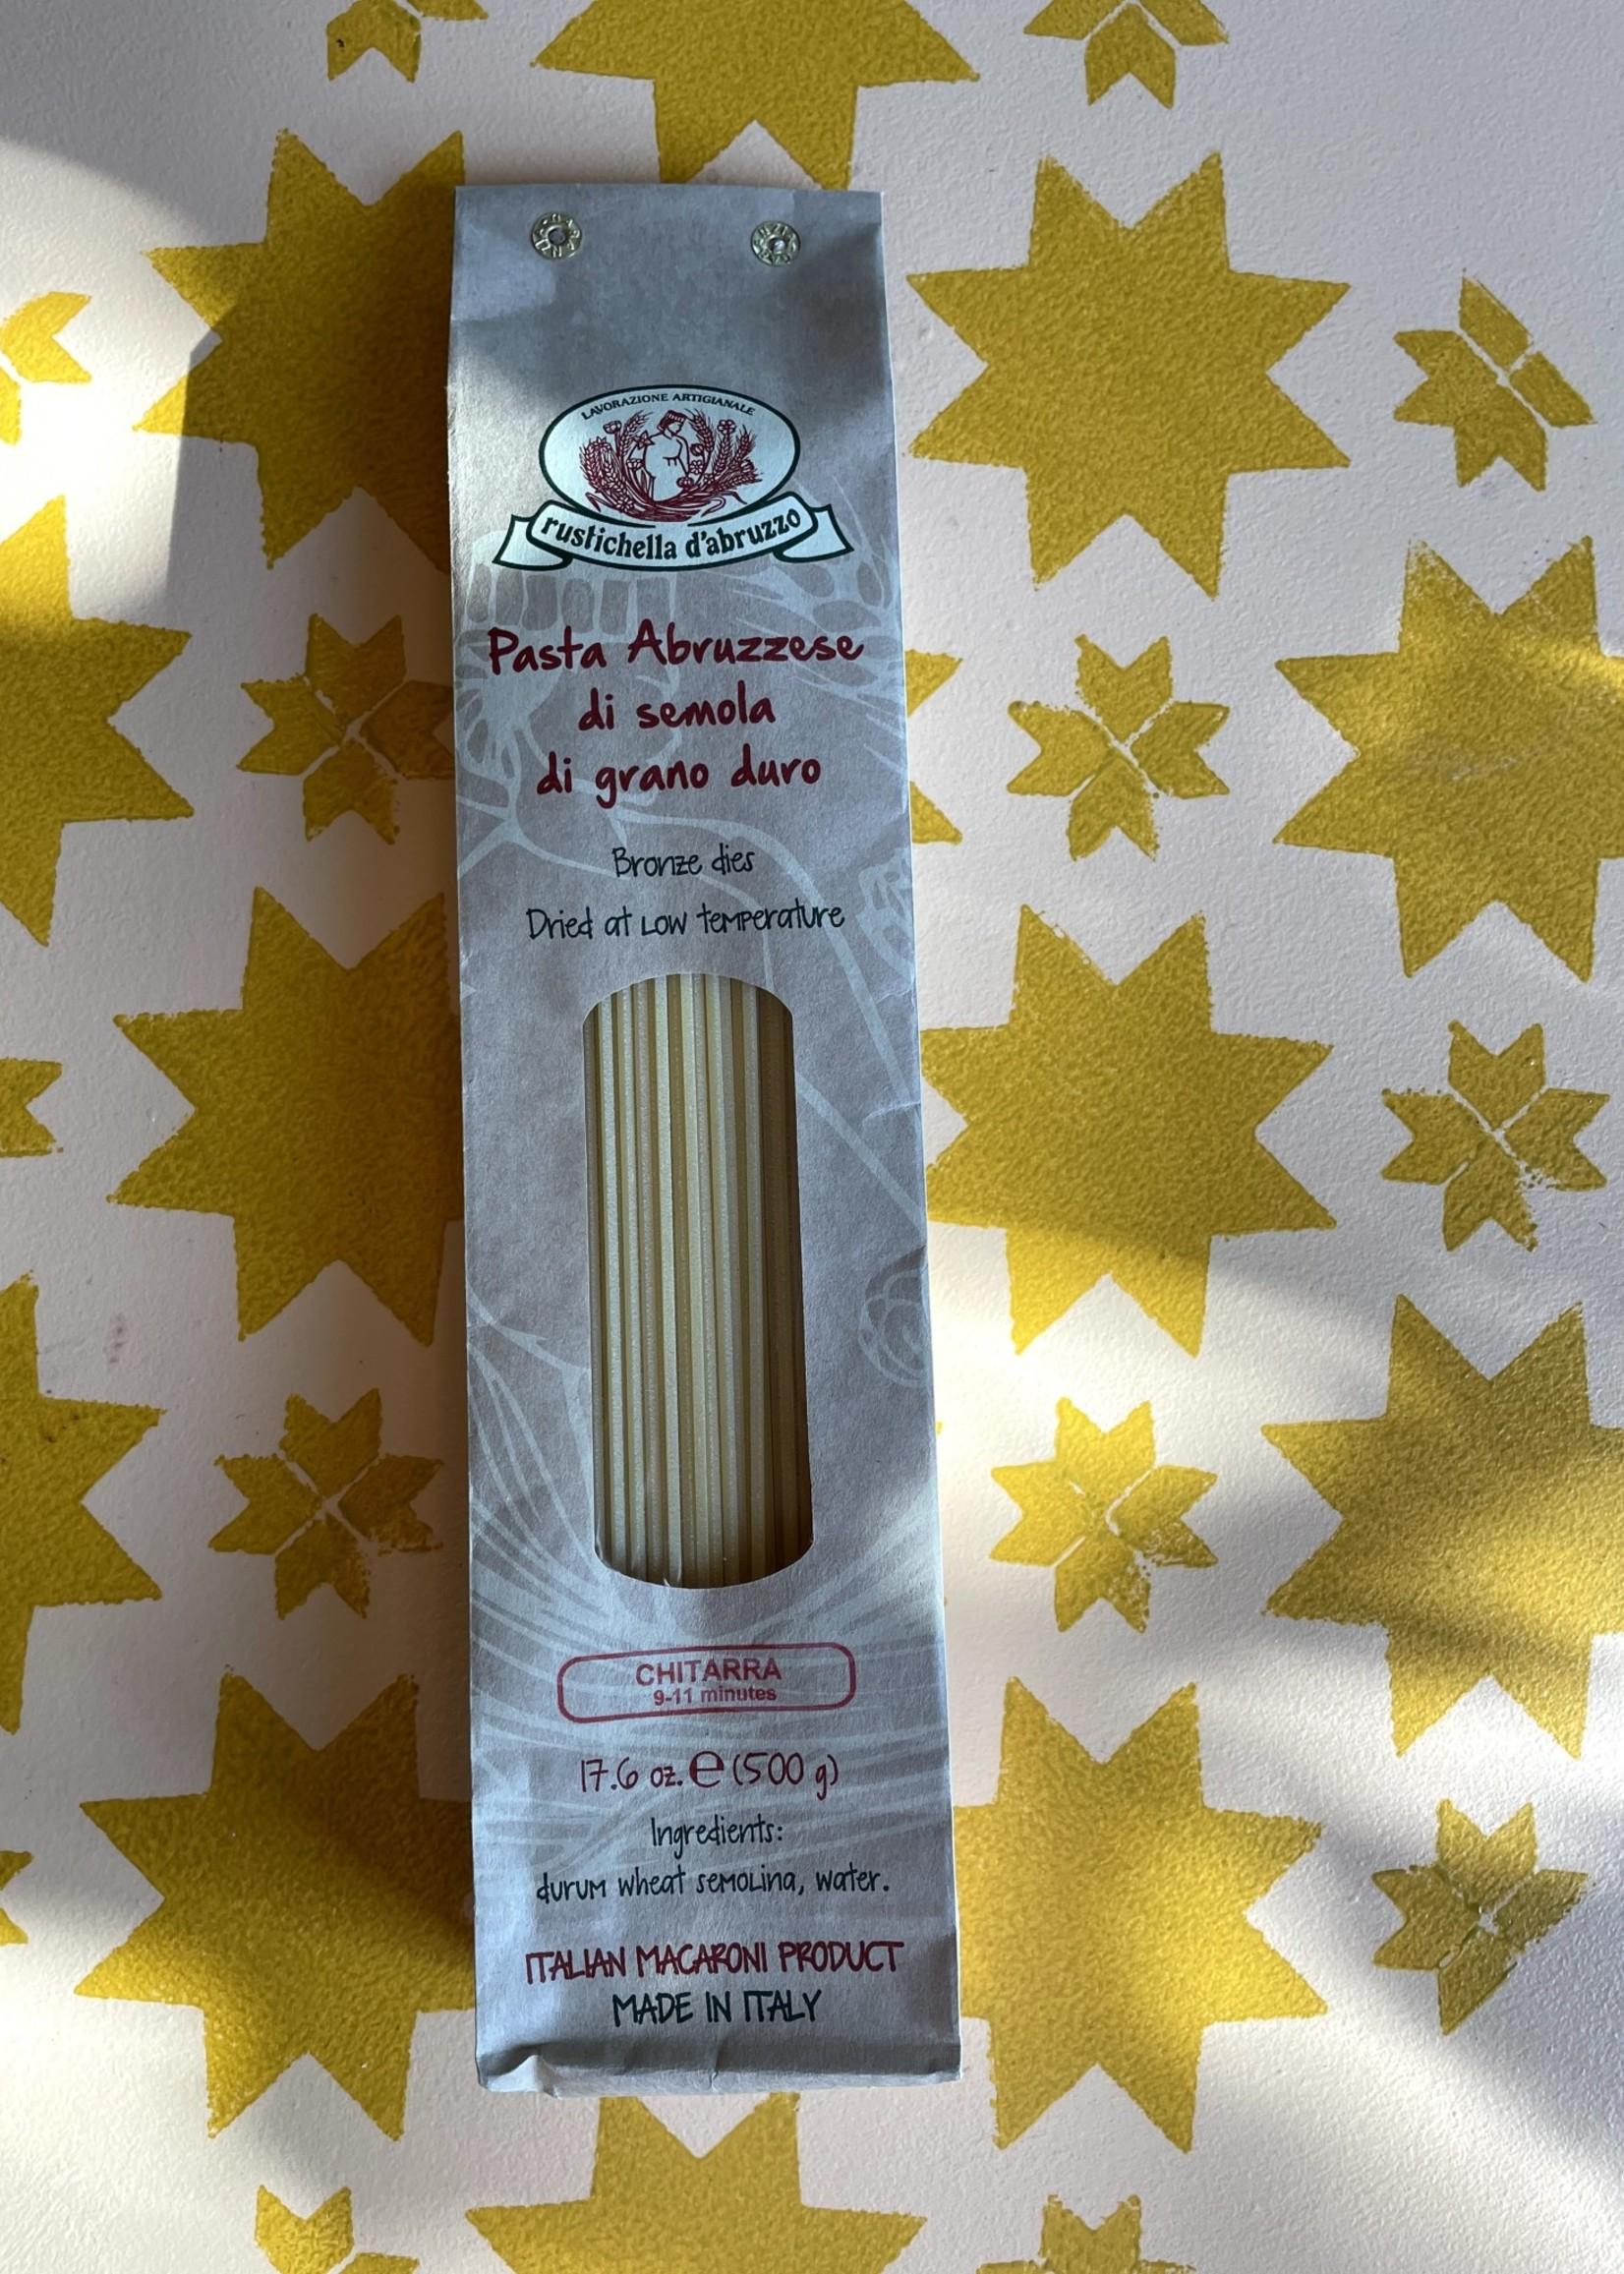 Chitarra Pasta (17.6 oz)